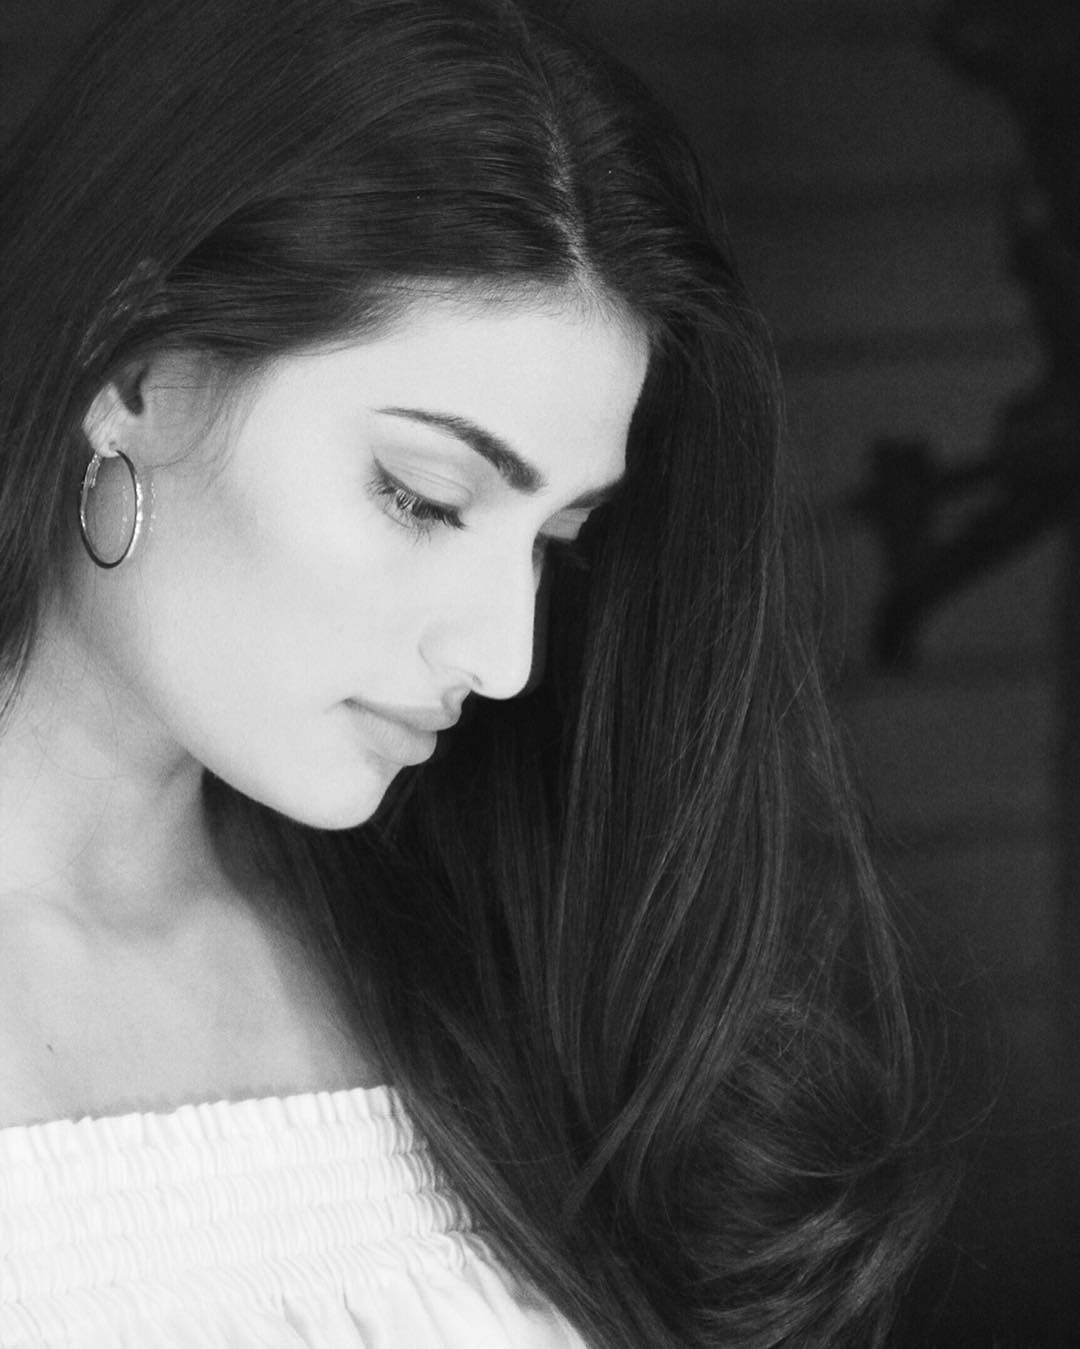 59k Likes 326 Comments Athiya Shetty Athiyashetty On Instagram Daydreamer Night Thinker Athiya Shetty Portrait Photography Poses Desi Beauty